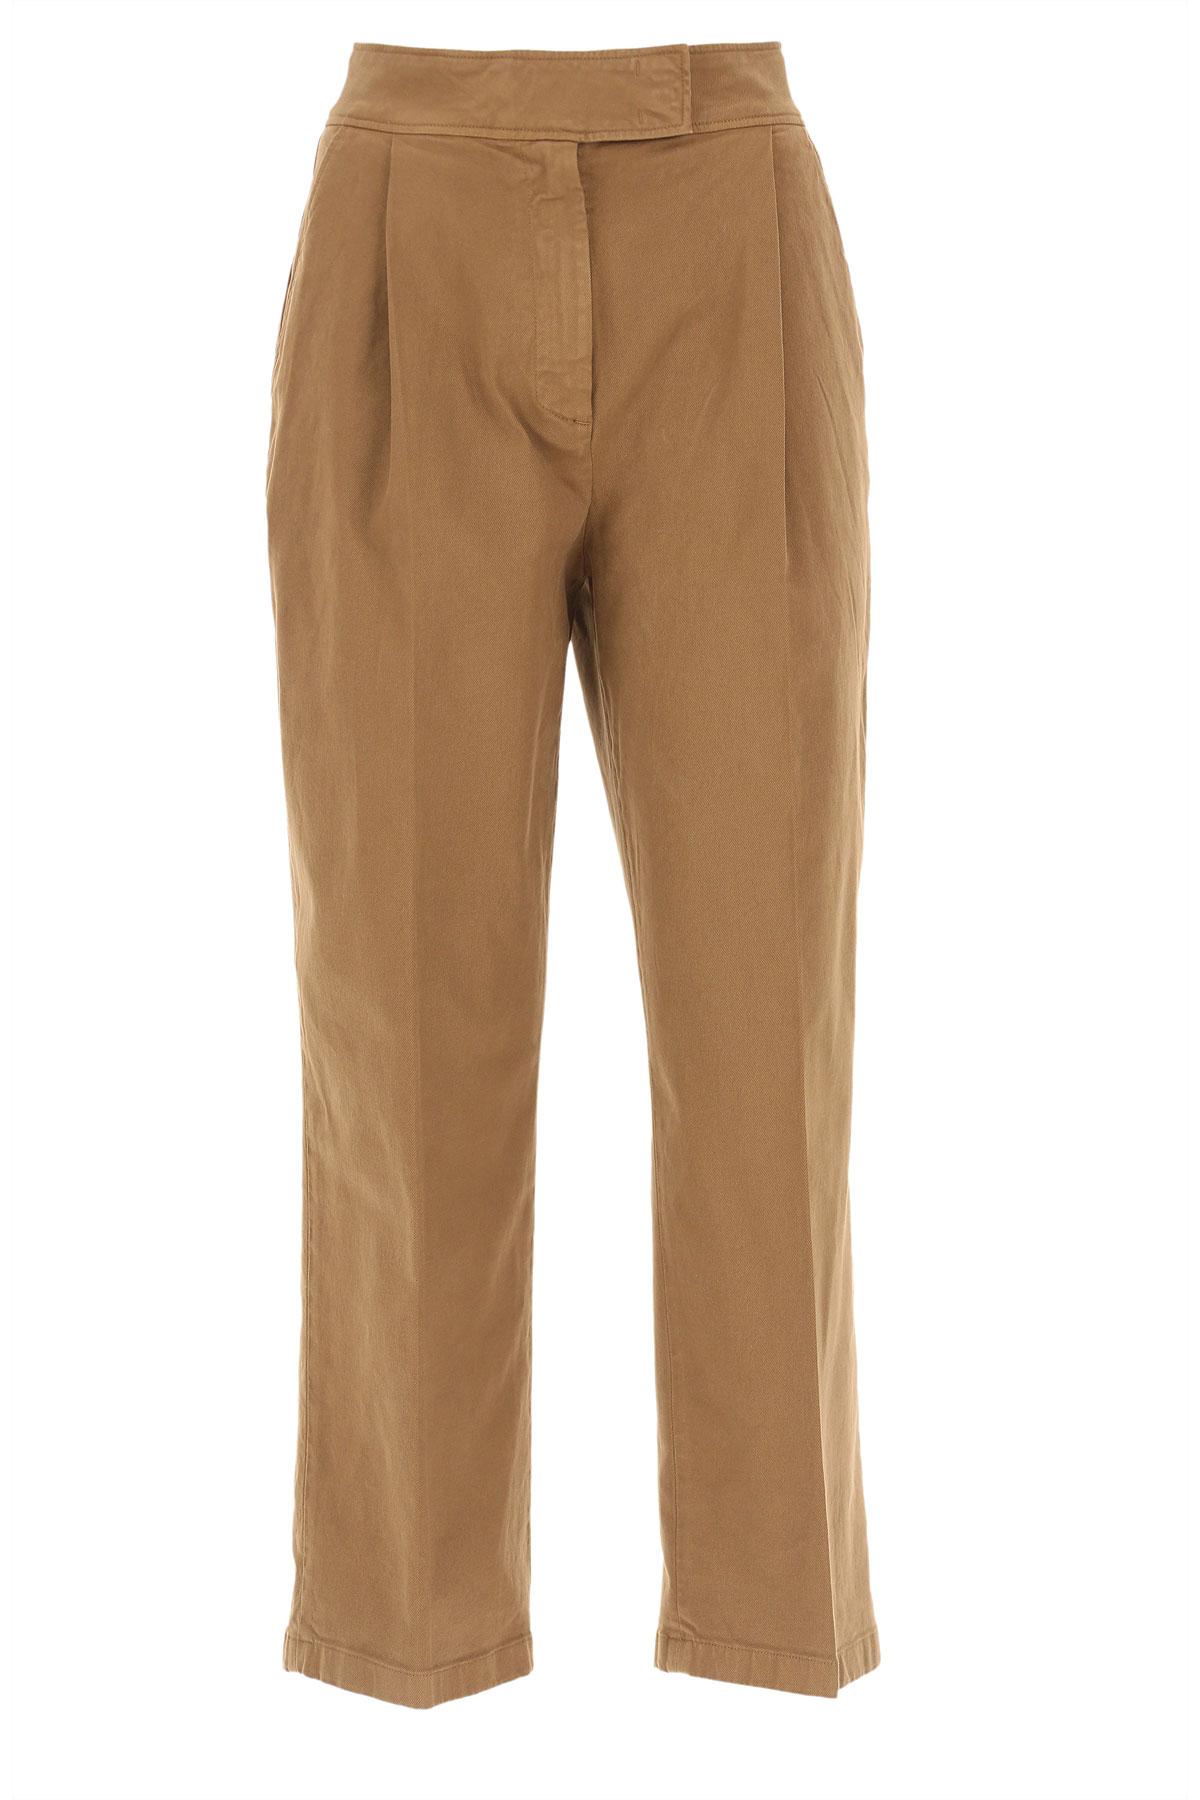 Department Five Pants for Women, nut, Cotton, 2019, 26 27 28